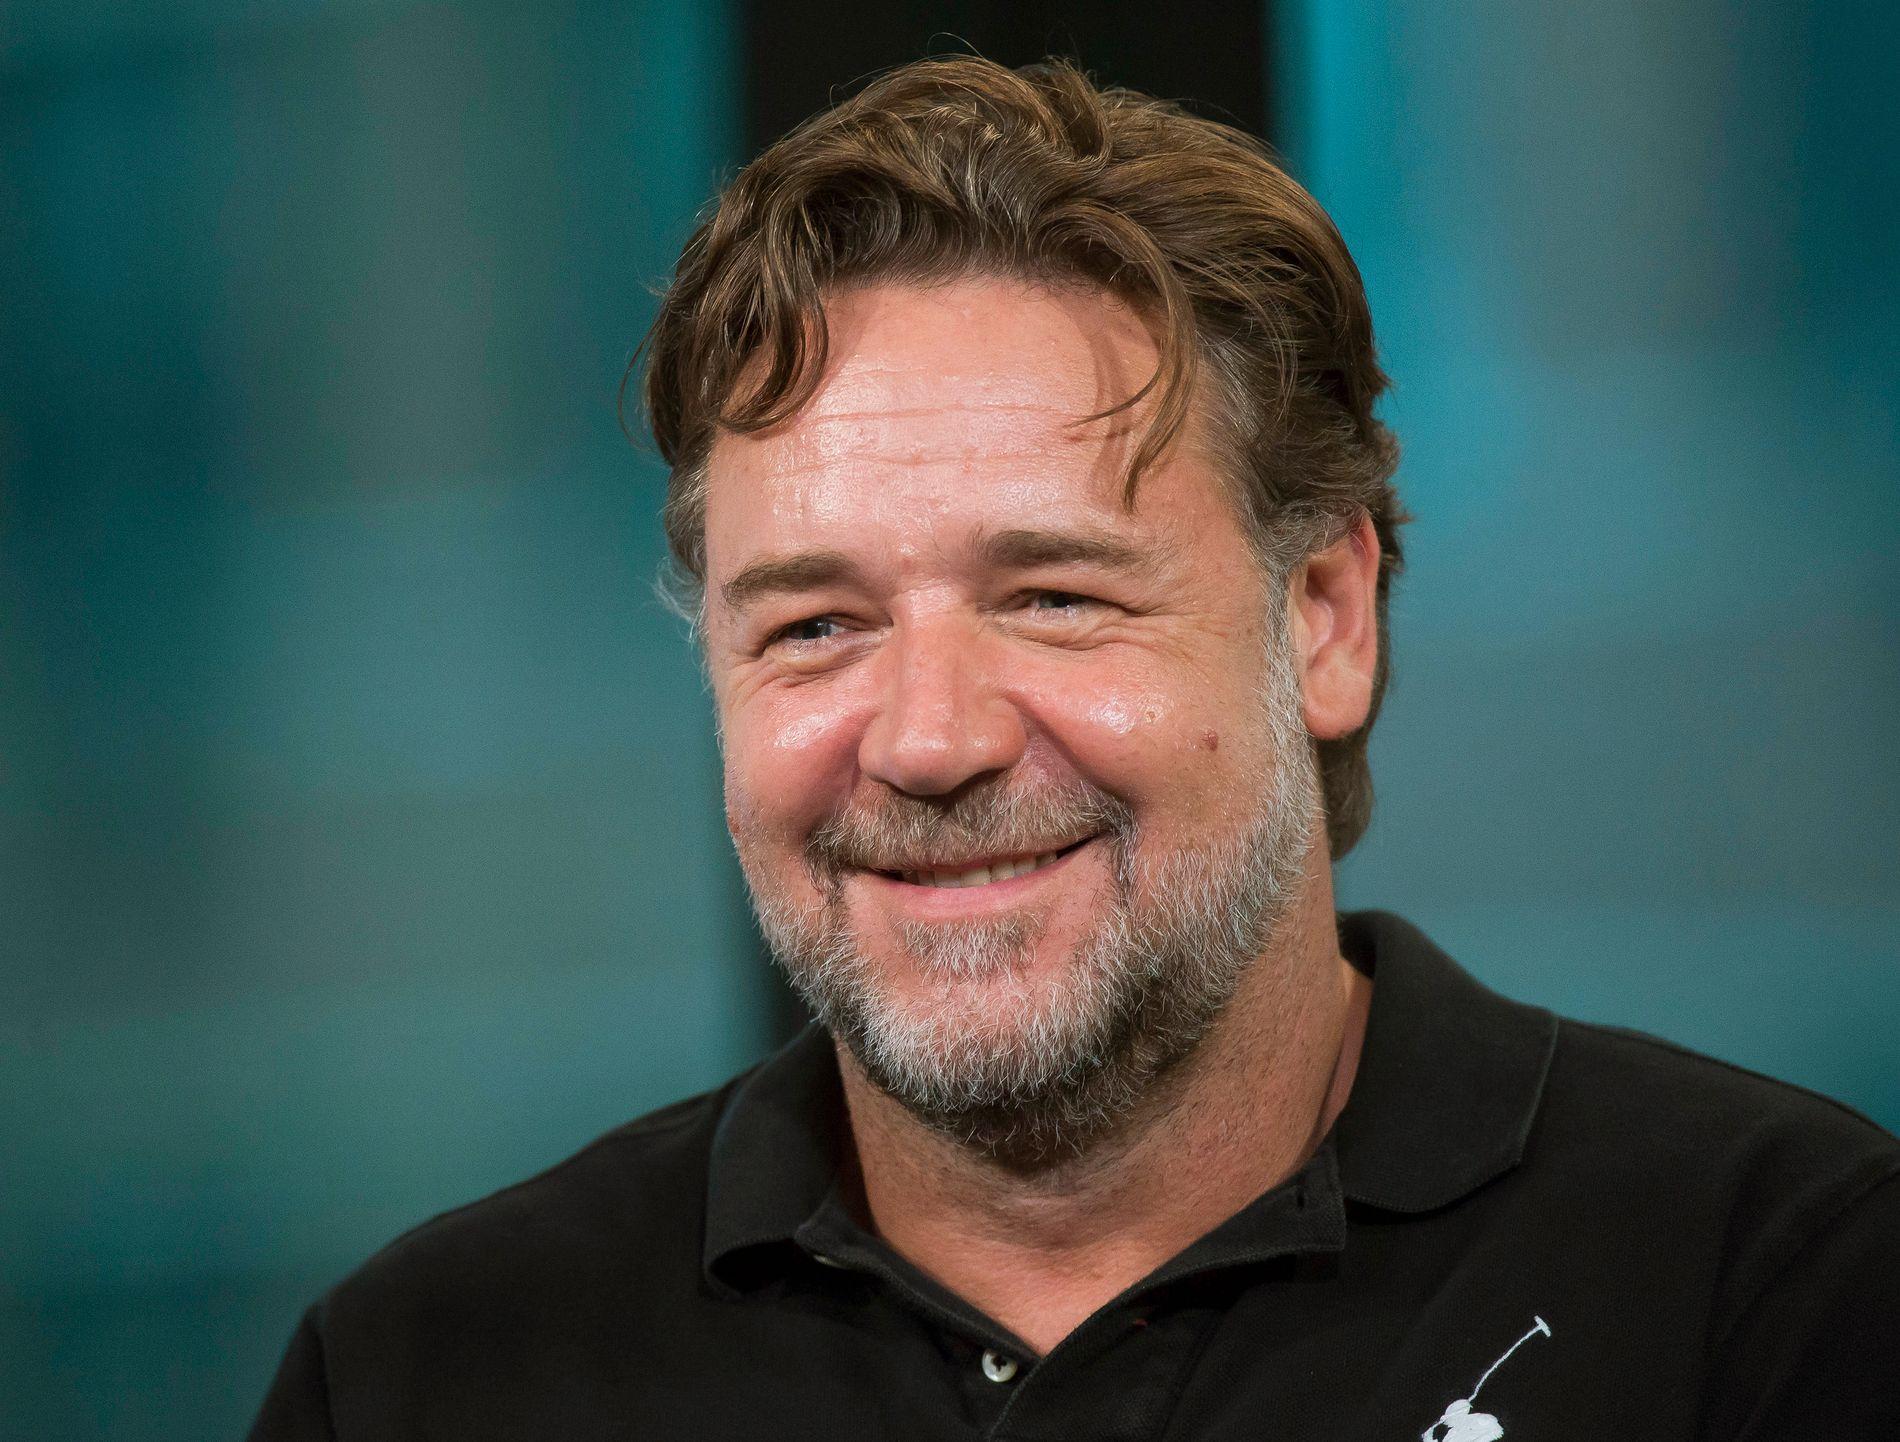 I ORDKRIG: Russell Crowe havnet i en humoristisk feide da han auksjonerte bort effekter fra filmkarrieren.